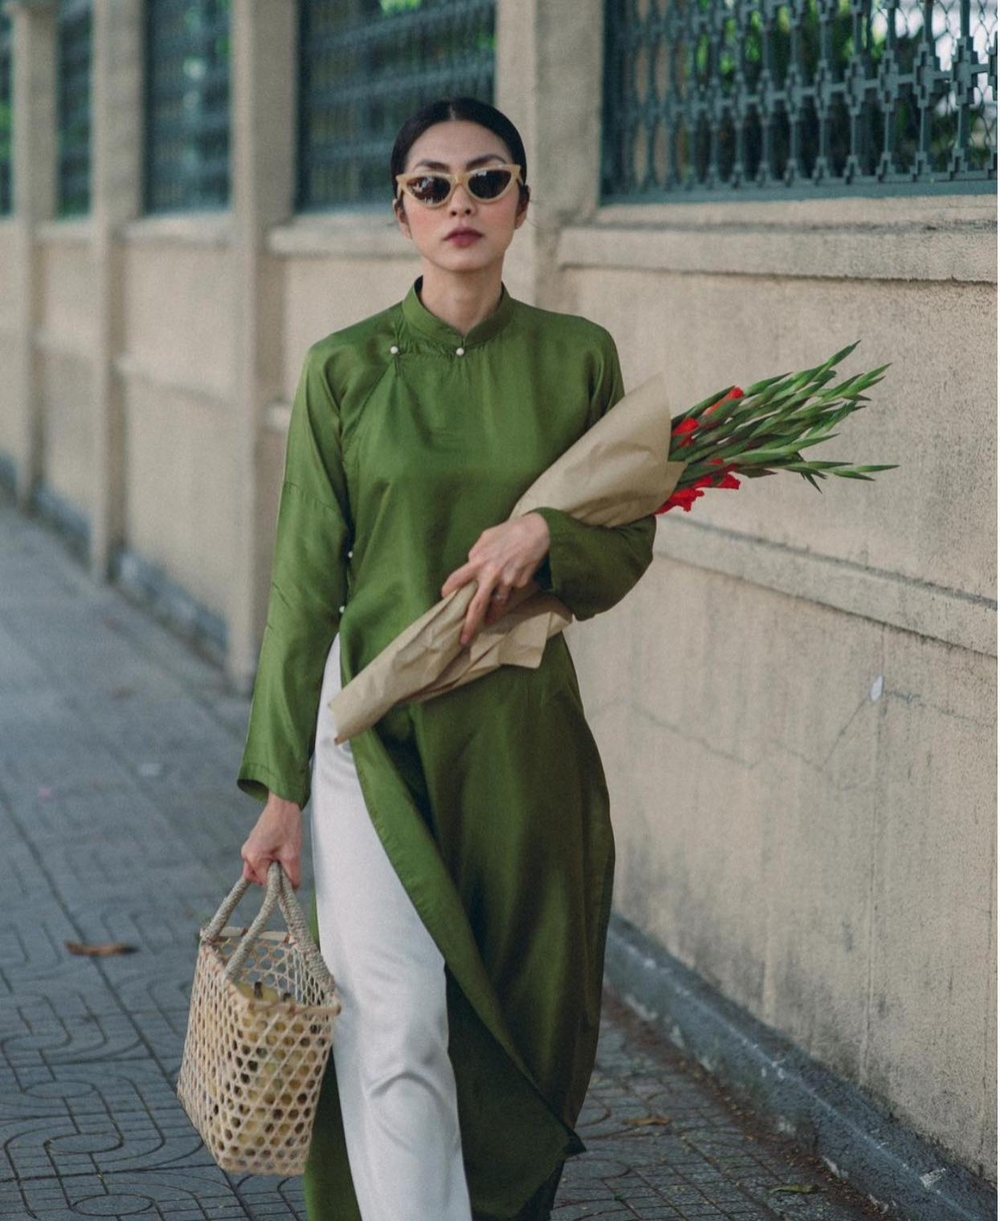 Nao lòng trước vẻ đẹp của Tăng Thanh Hà khi mặc áo dài Sài Gòn xưa Ảnh 1